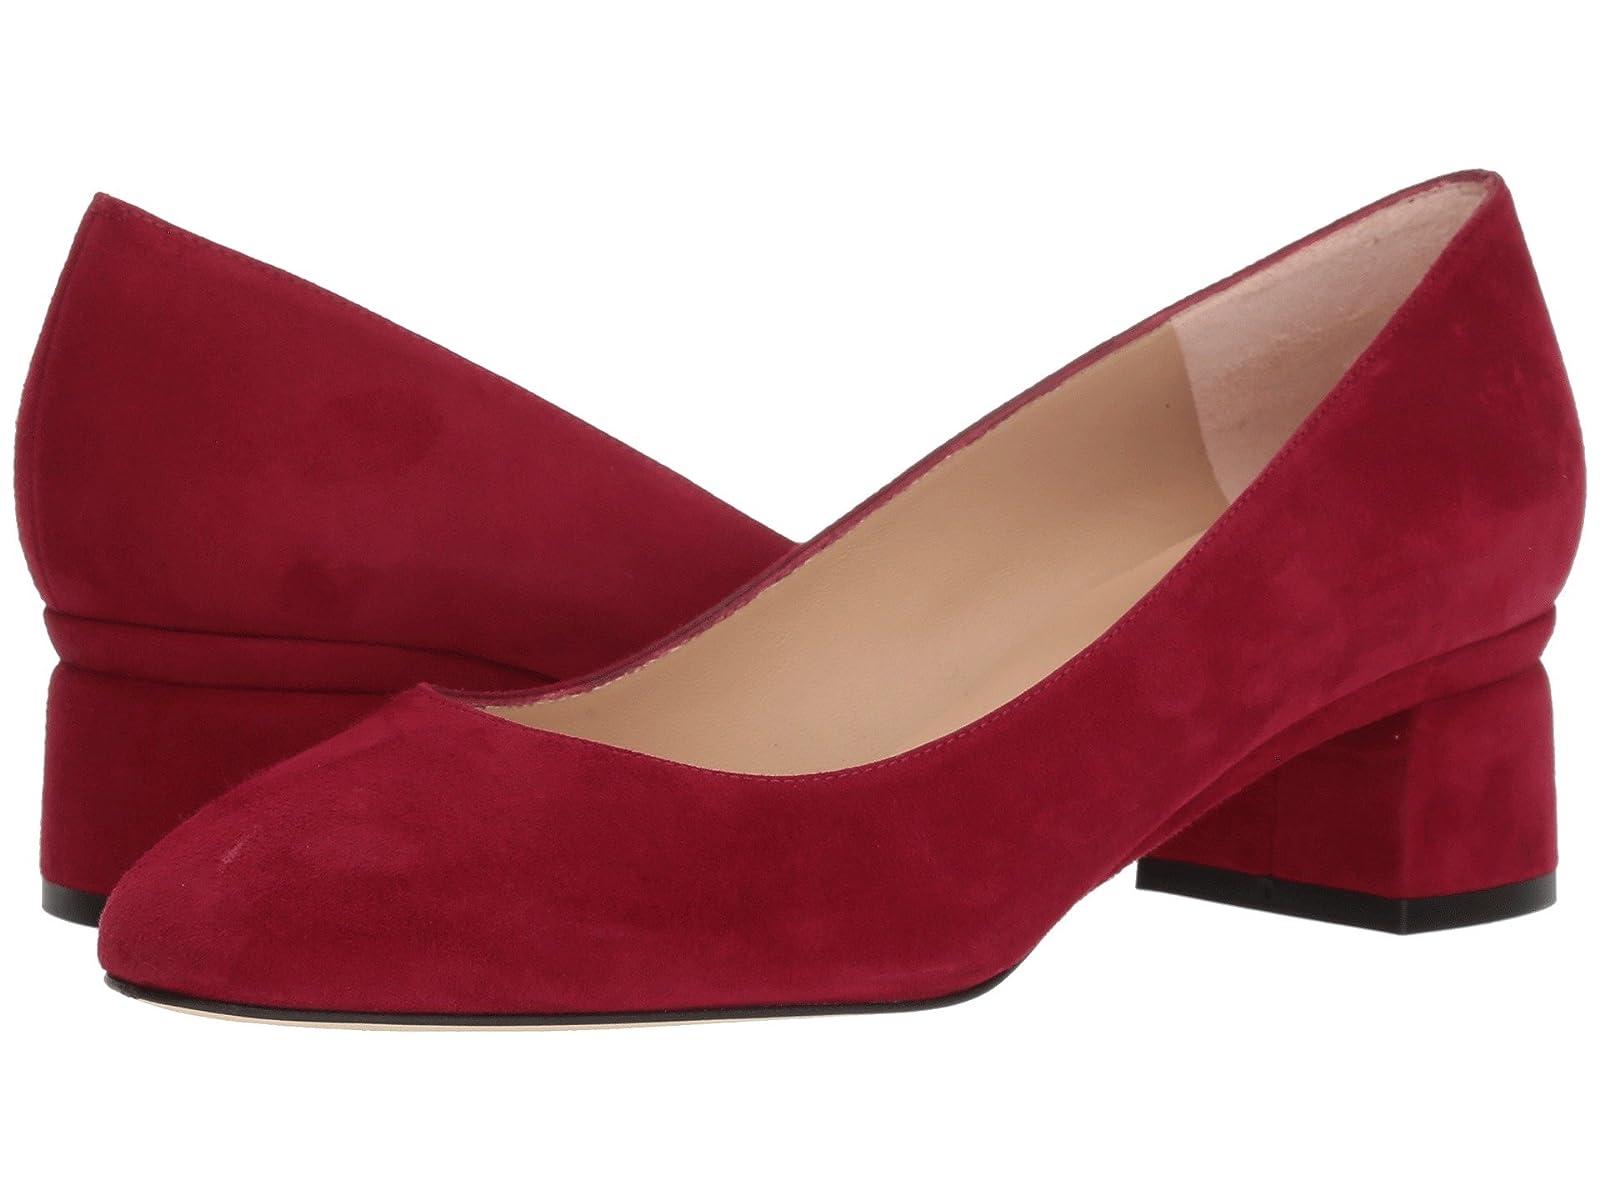 L.K. Bennett NuriyaAtmospheric grades have affordable shoes